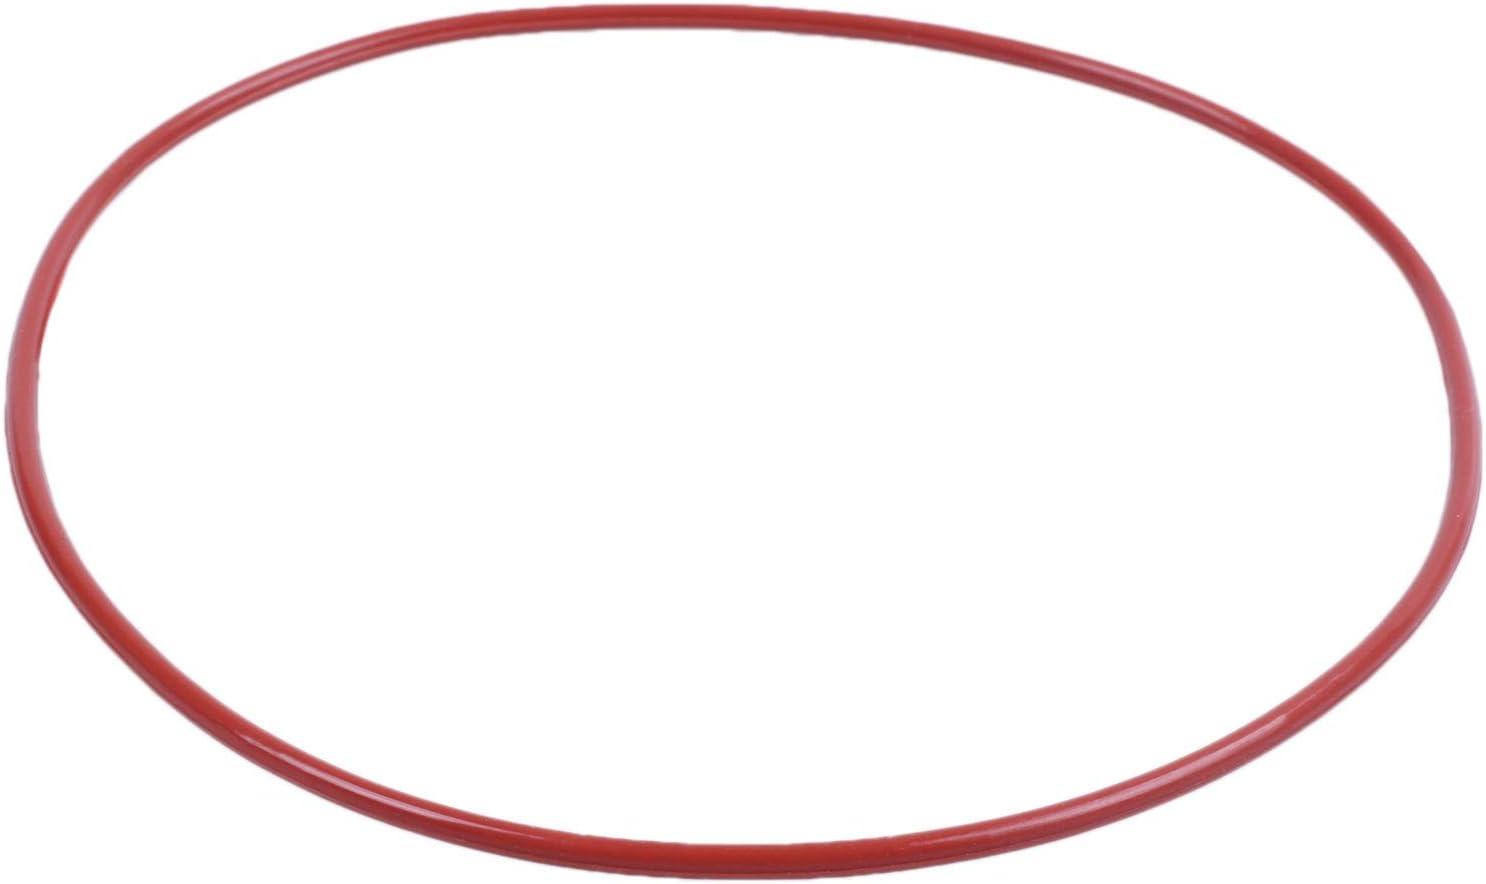 Monland 100 Mm X 96 Mm X 2 Mm Joints Toriques en Silicone Rouge